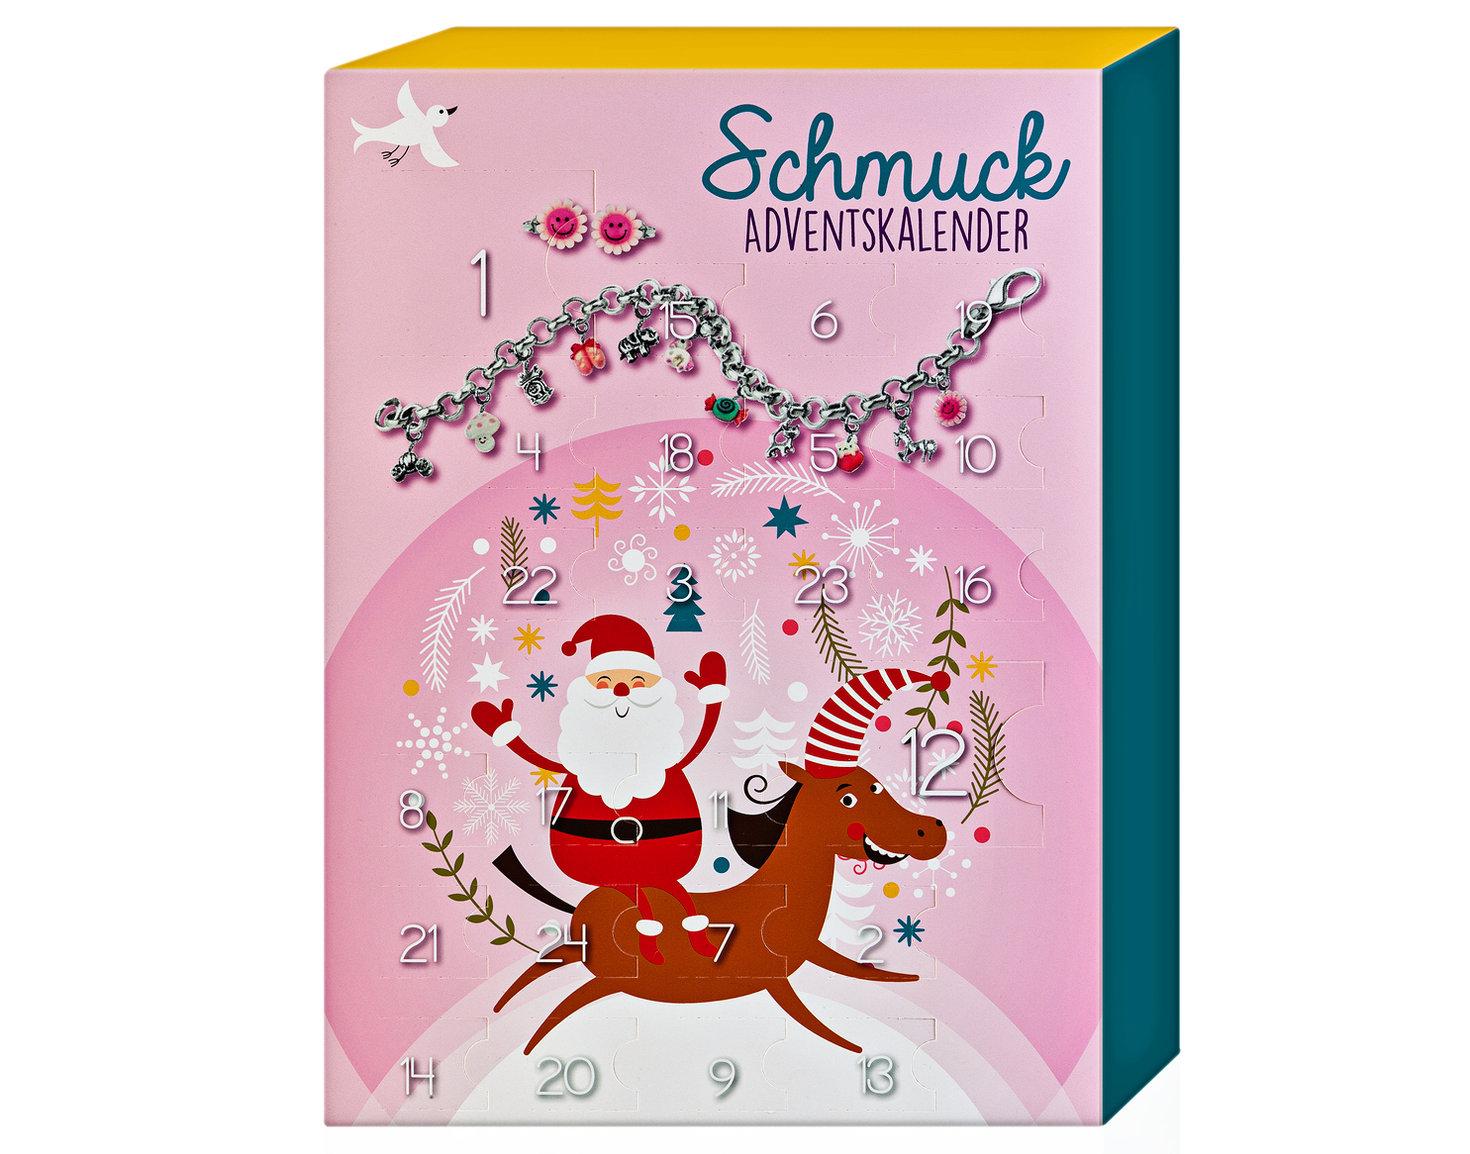 Schmuck Adventskalender für Kinder